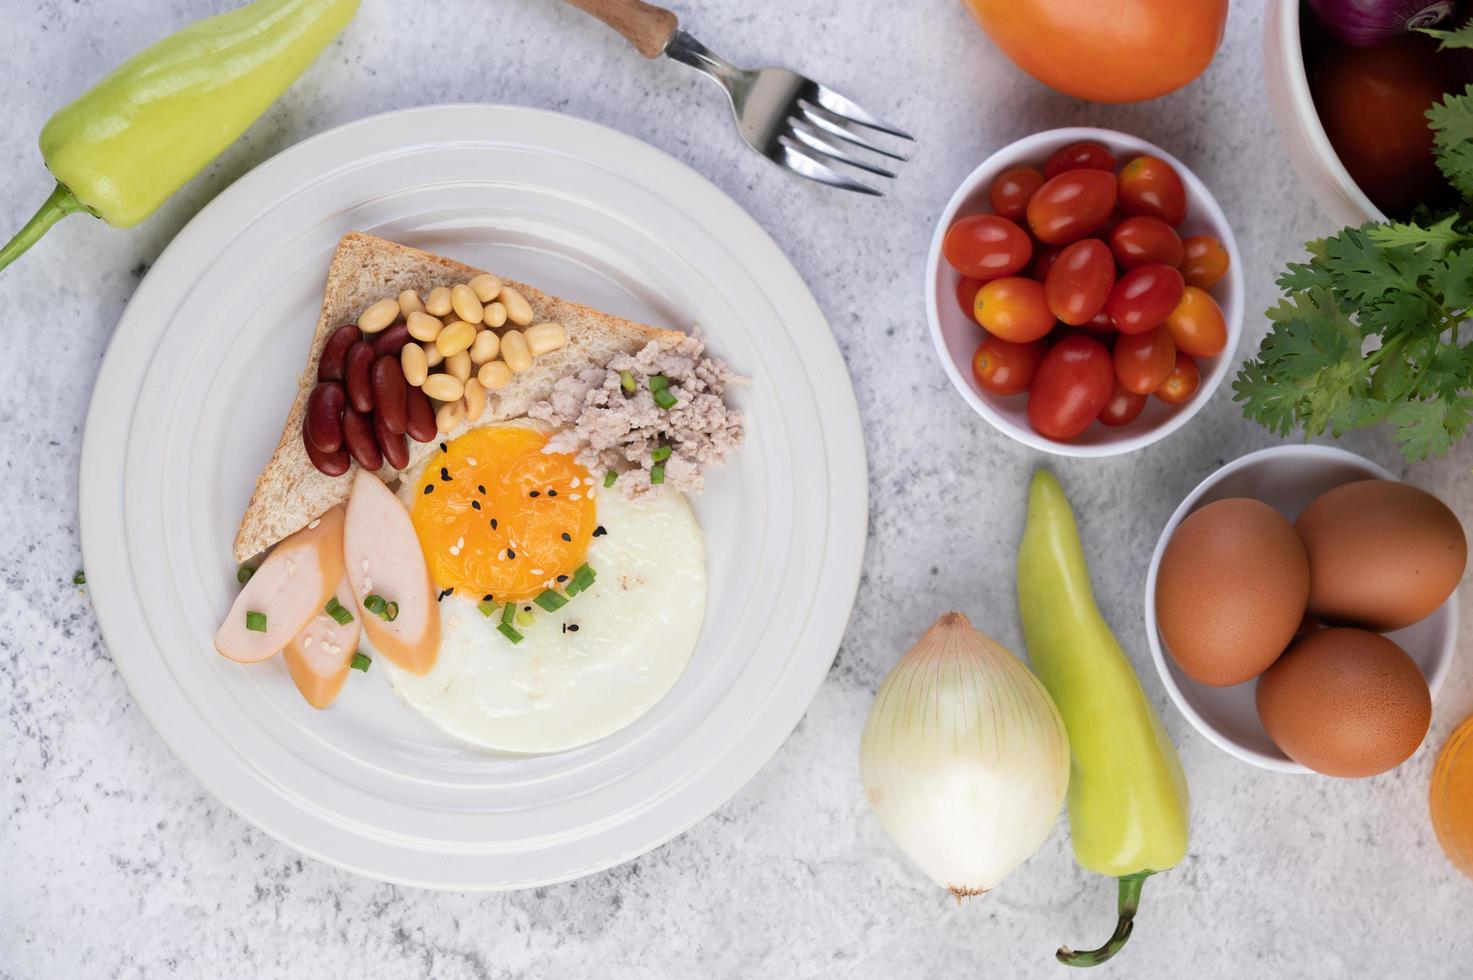 gebakken eieren, worst, varkensgehakt, brood en rode bonen foto